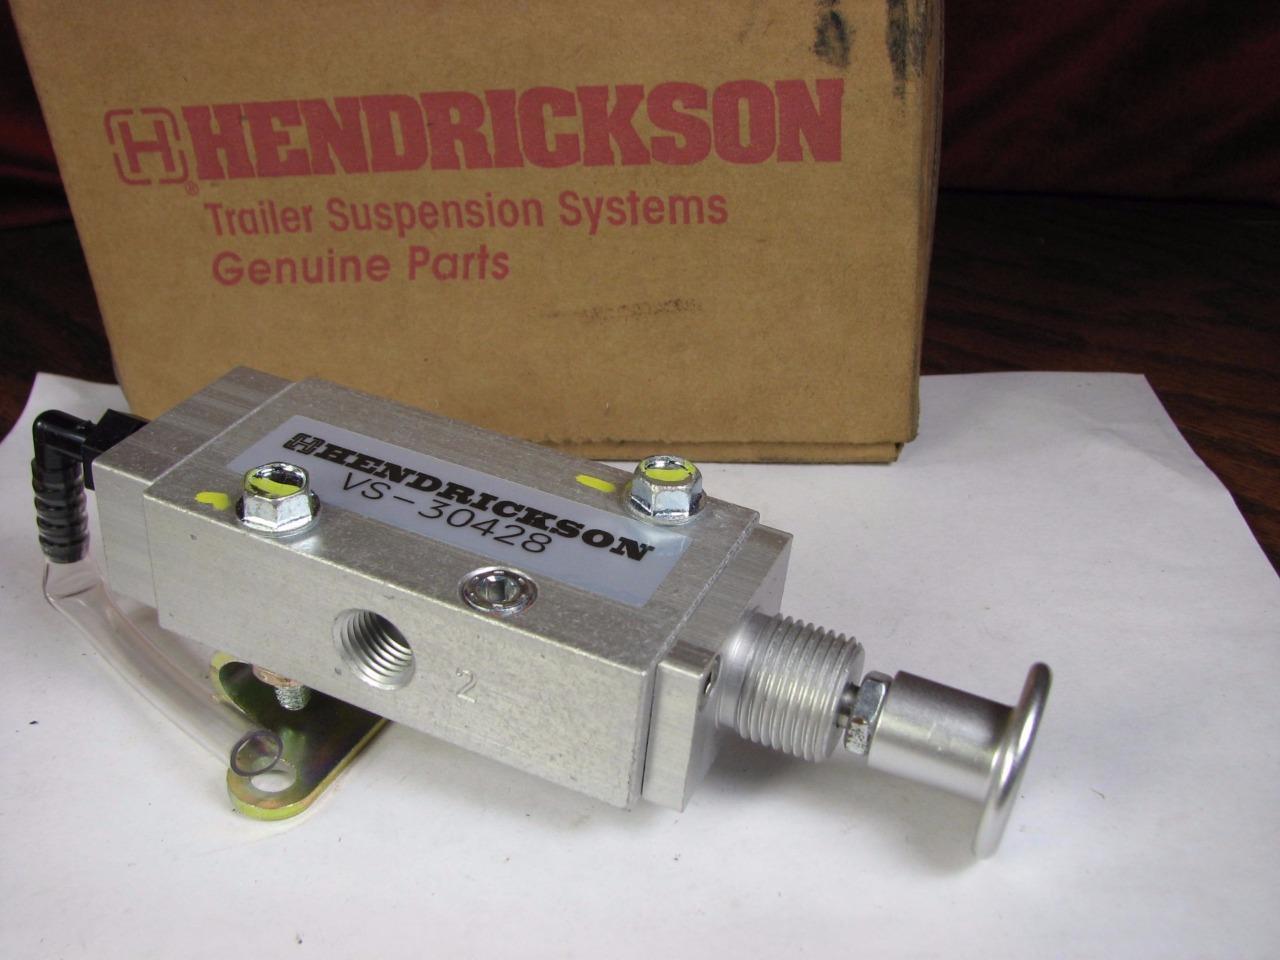 2 way vs 3 valve amoeba cell diagram hendrickson Толкать Тянуть сливной клапан ручной 30428